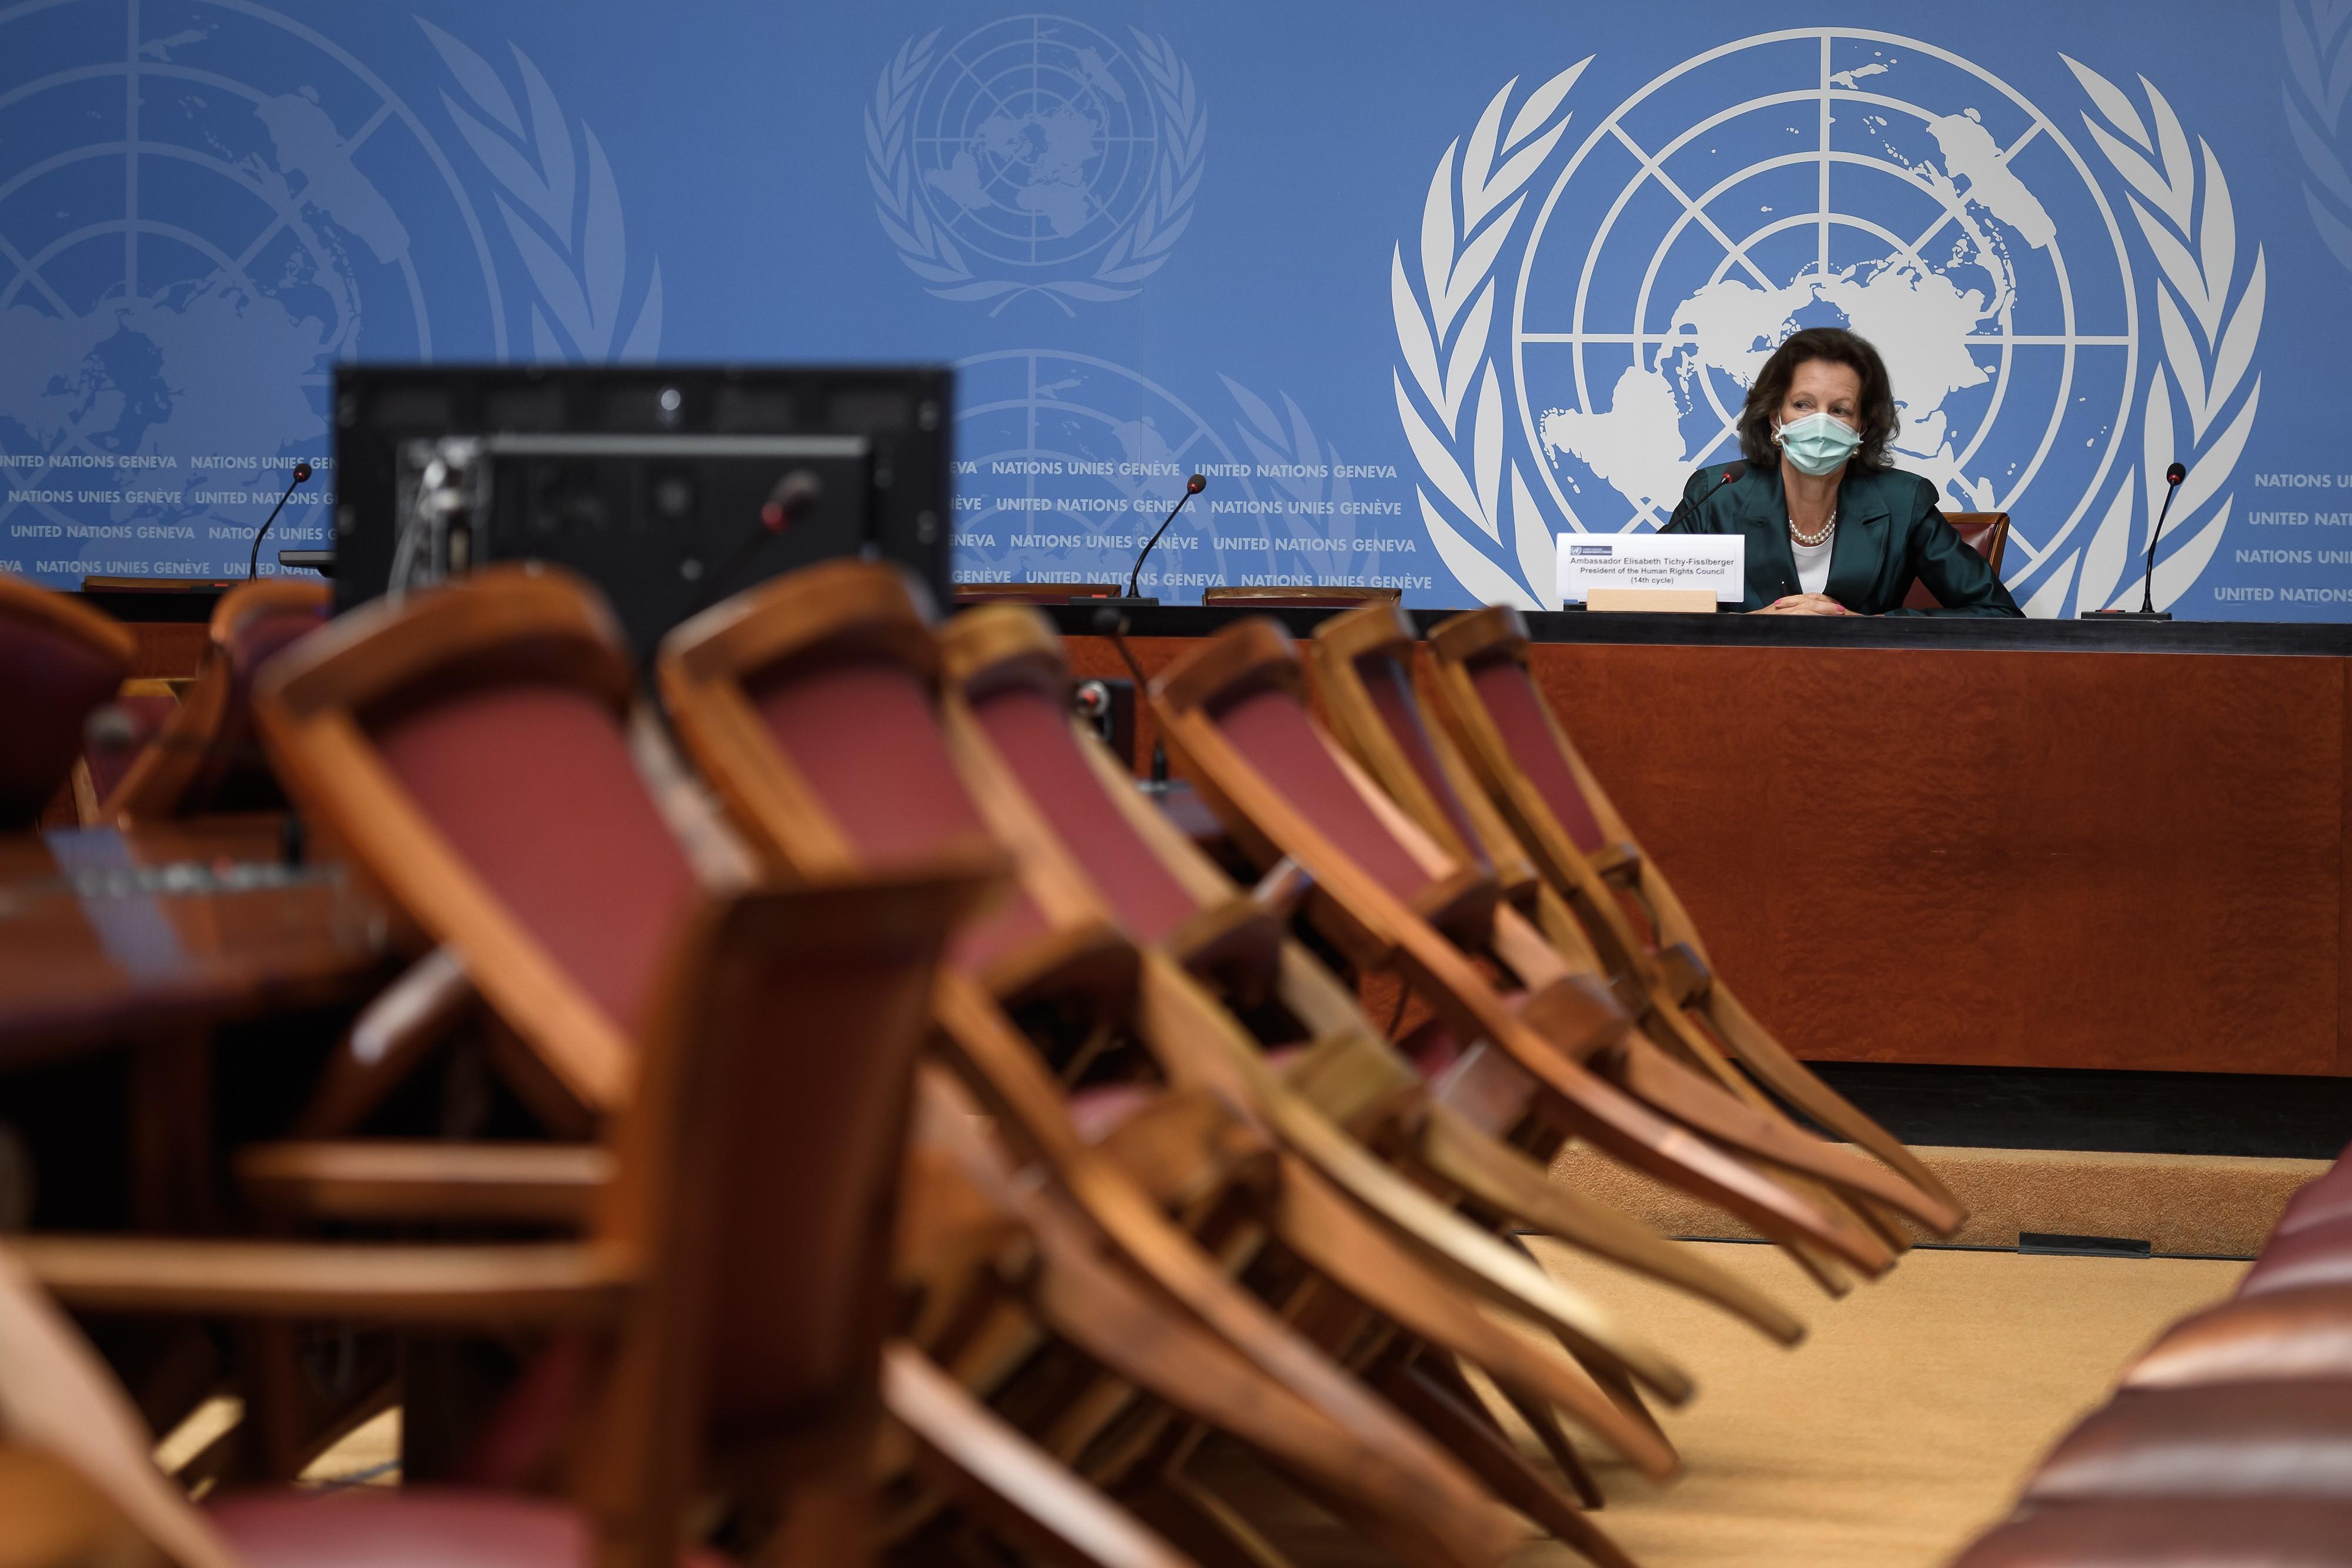 الأمم المتحدة وحقوق الإنسان في مصر